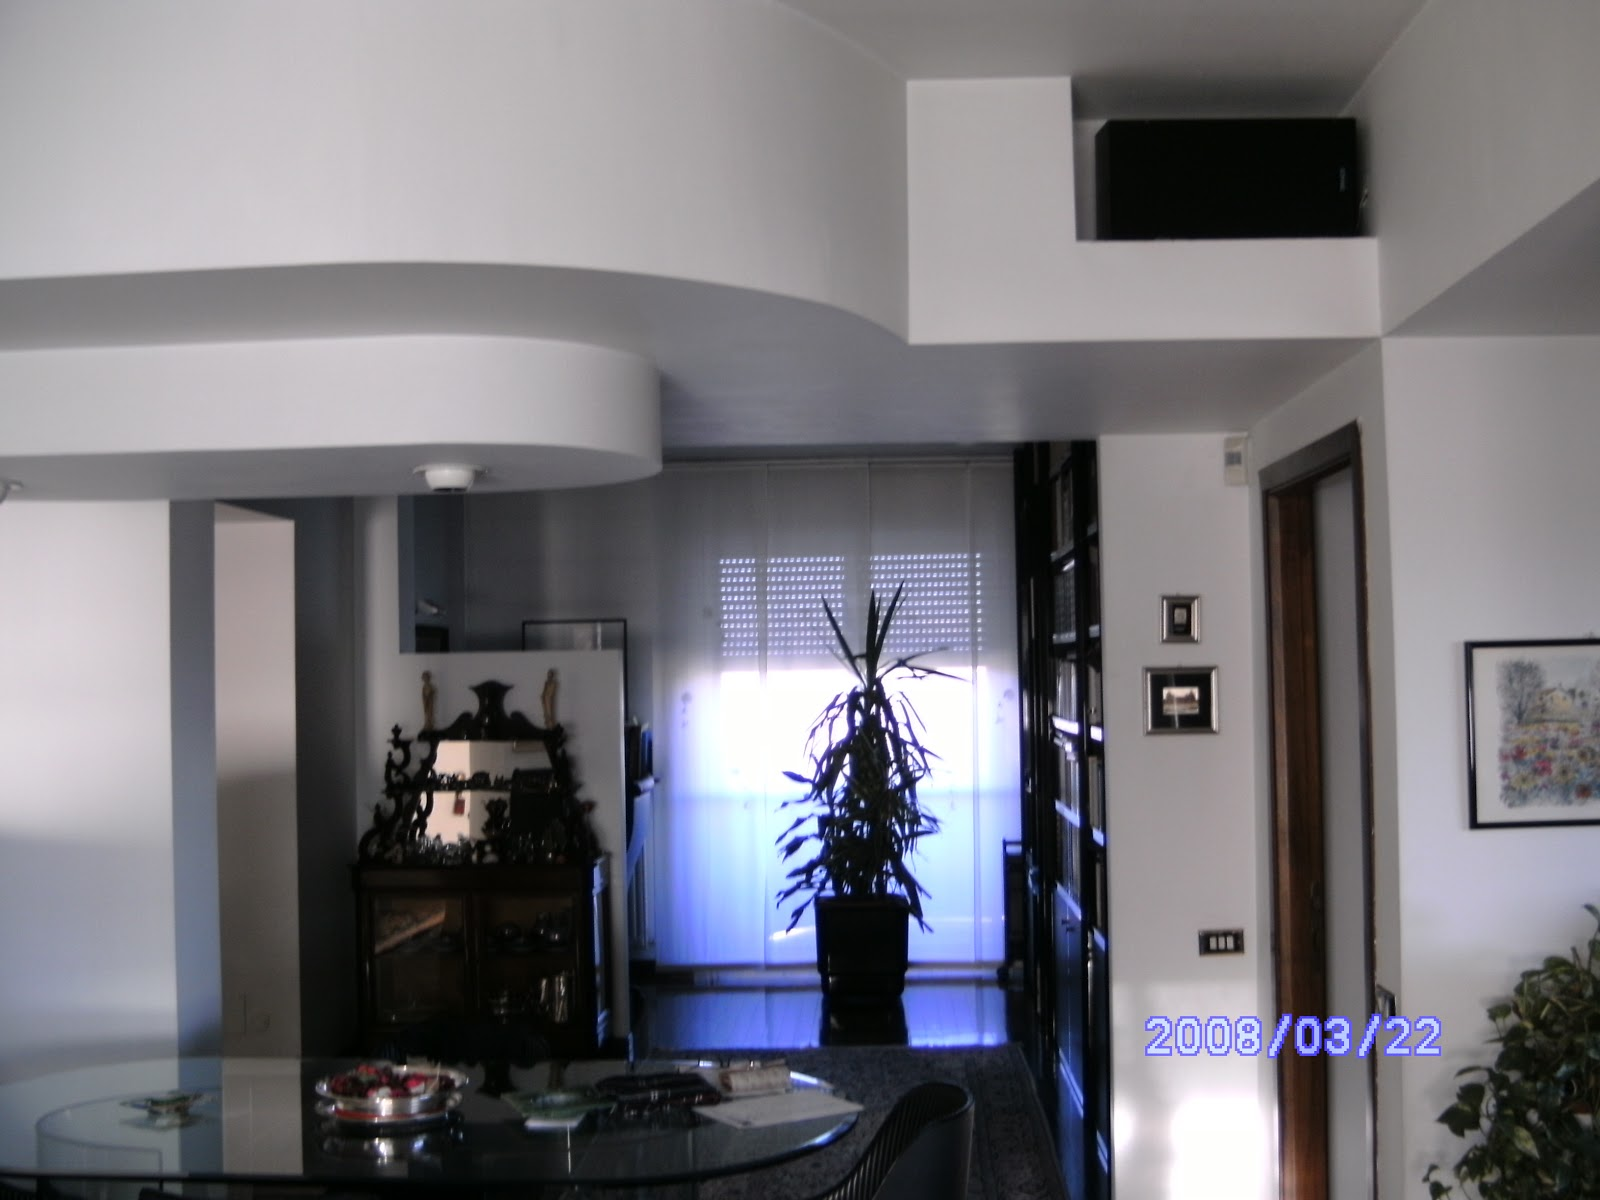 Alberto pirani la mia casa gli interni for Come progettare la mia casa